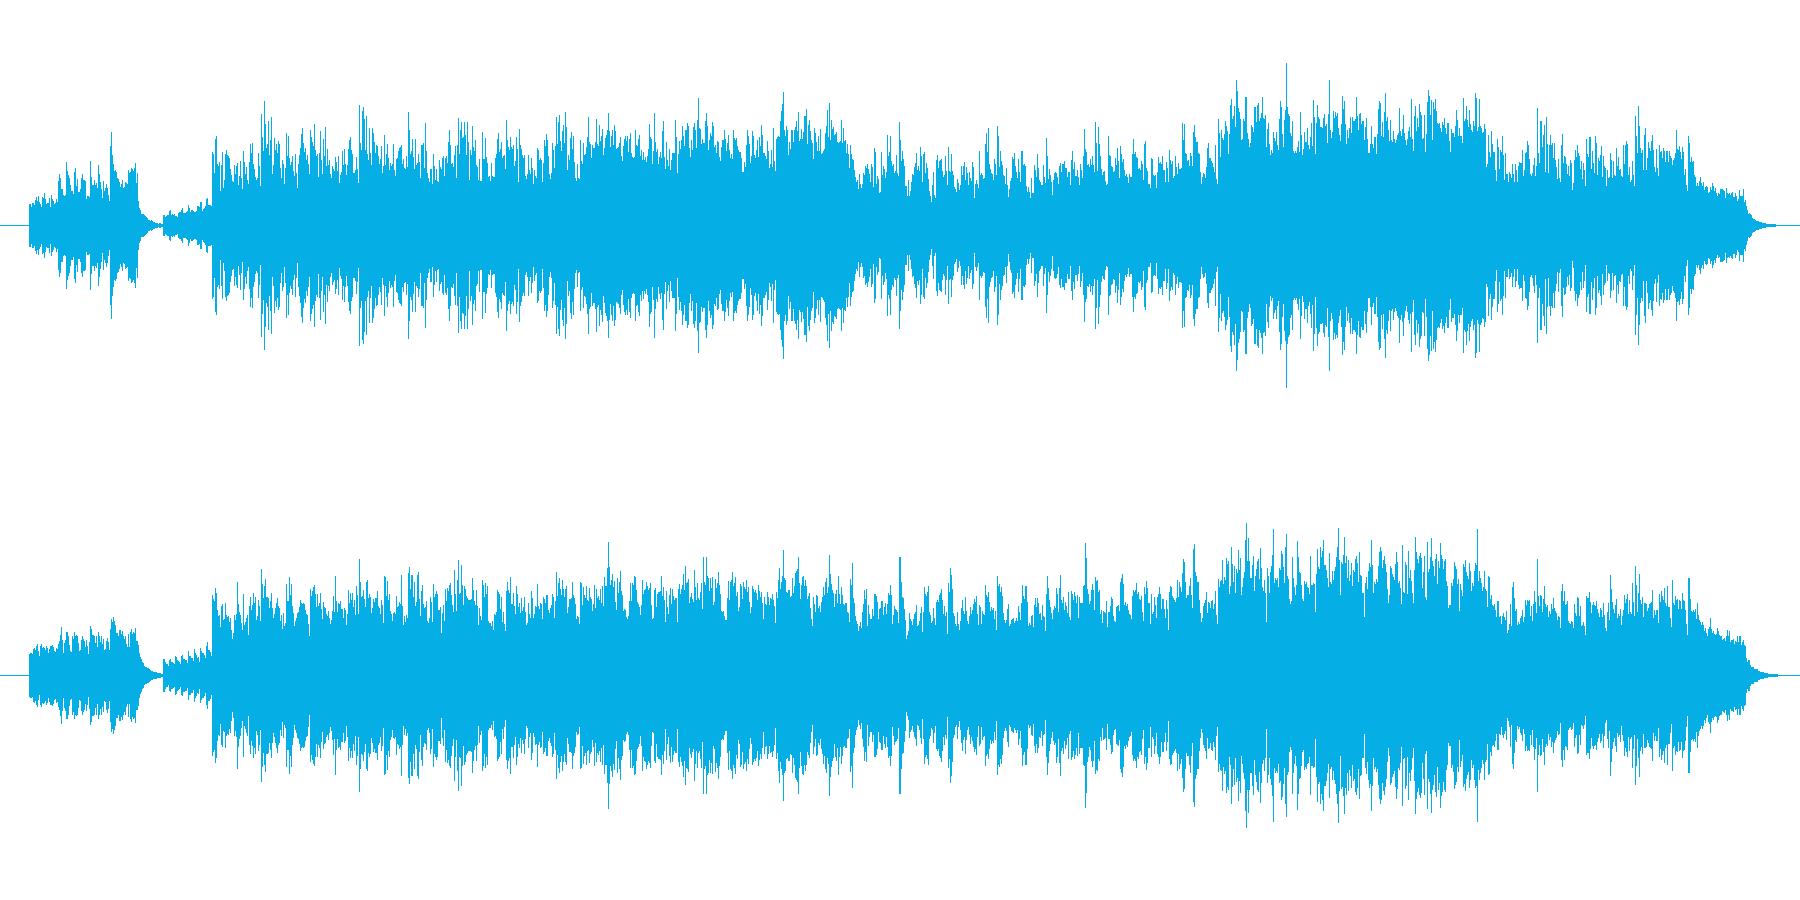 疾走感あふれる明るいオーケストラBGMの再生済みの波形